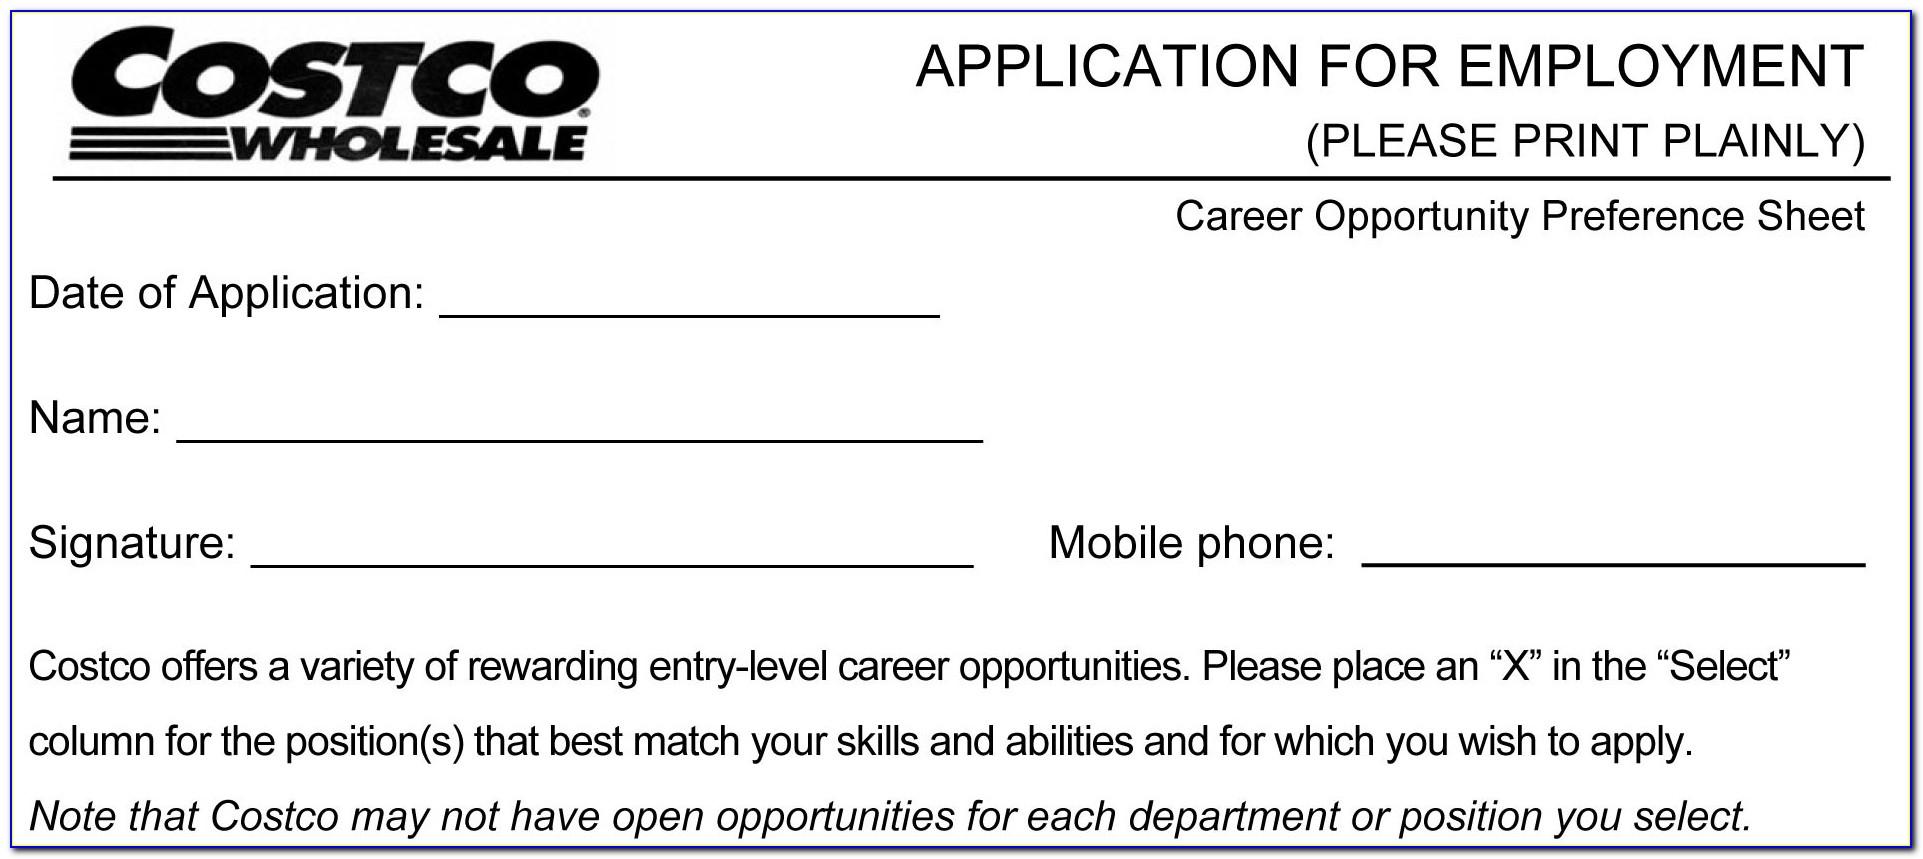 Costco Job Application Form Pdf